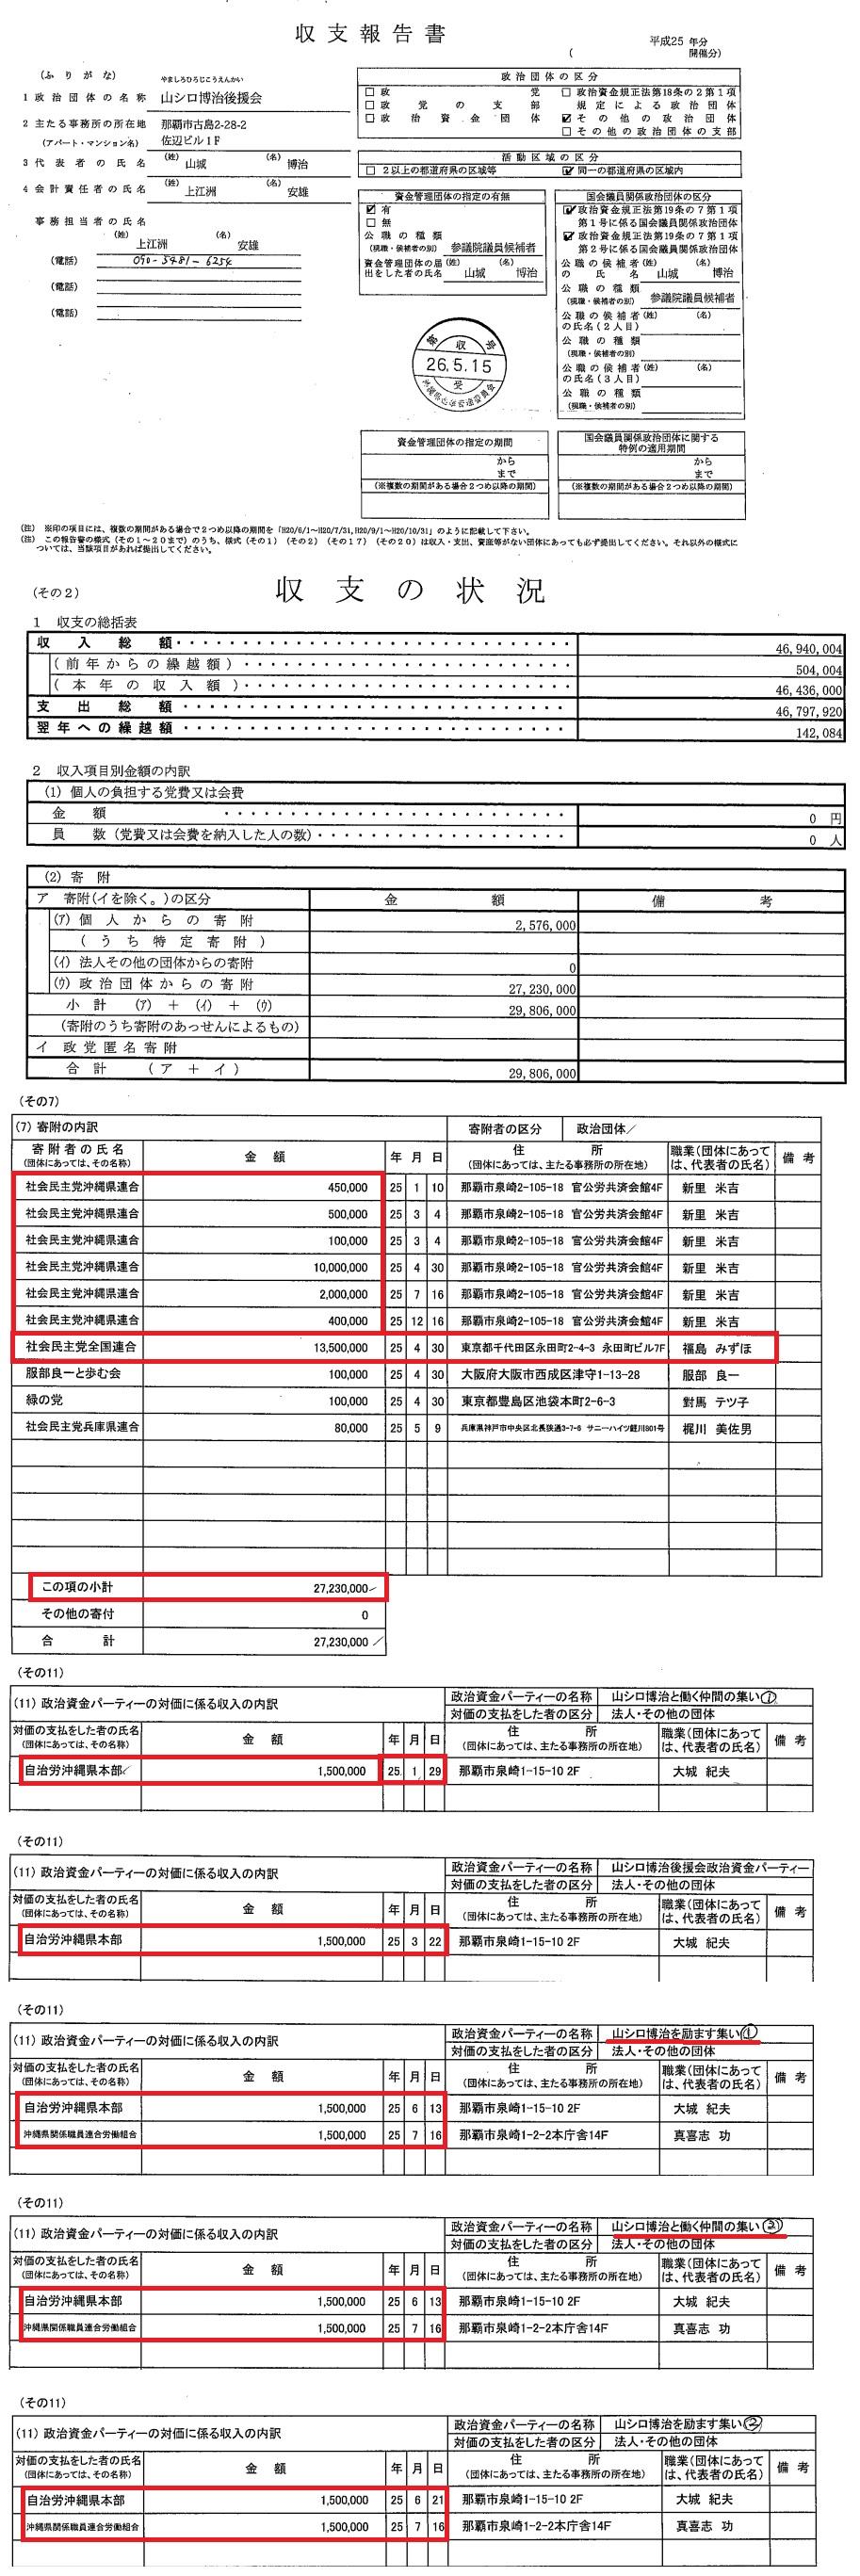 沖縄の社民党テロリスト山城のH25年分収支書1